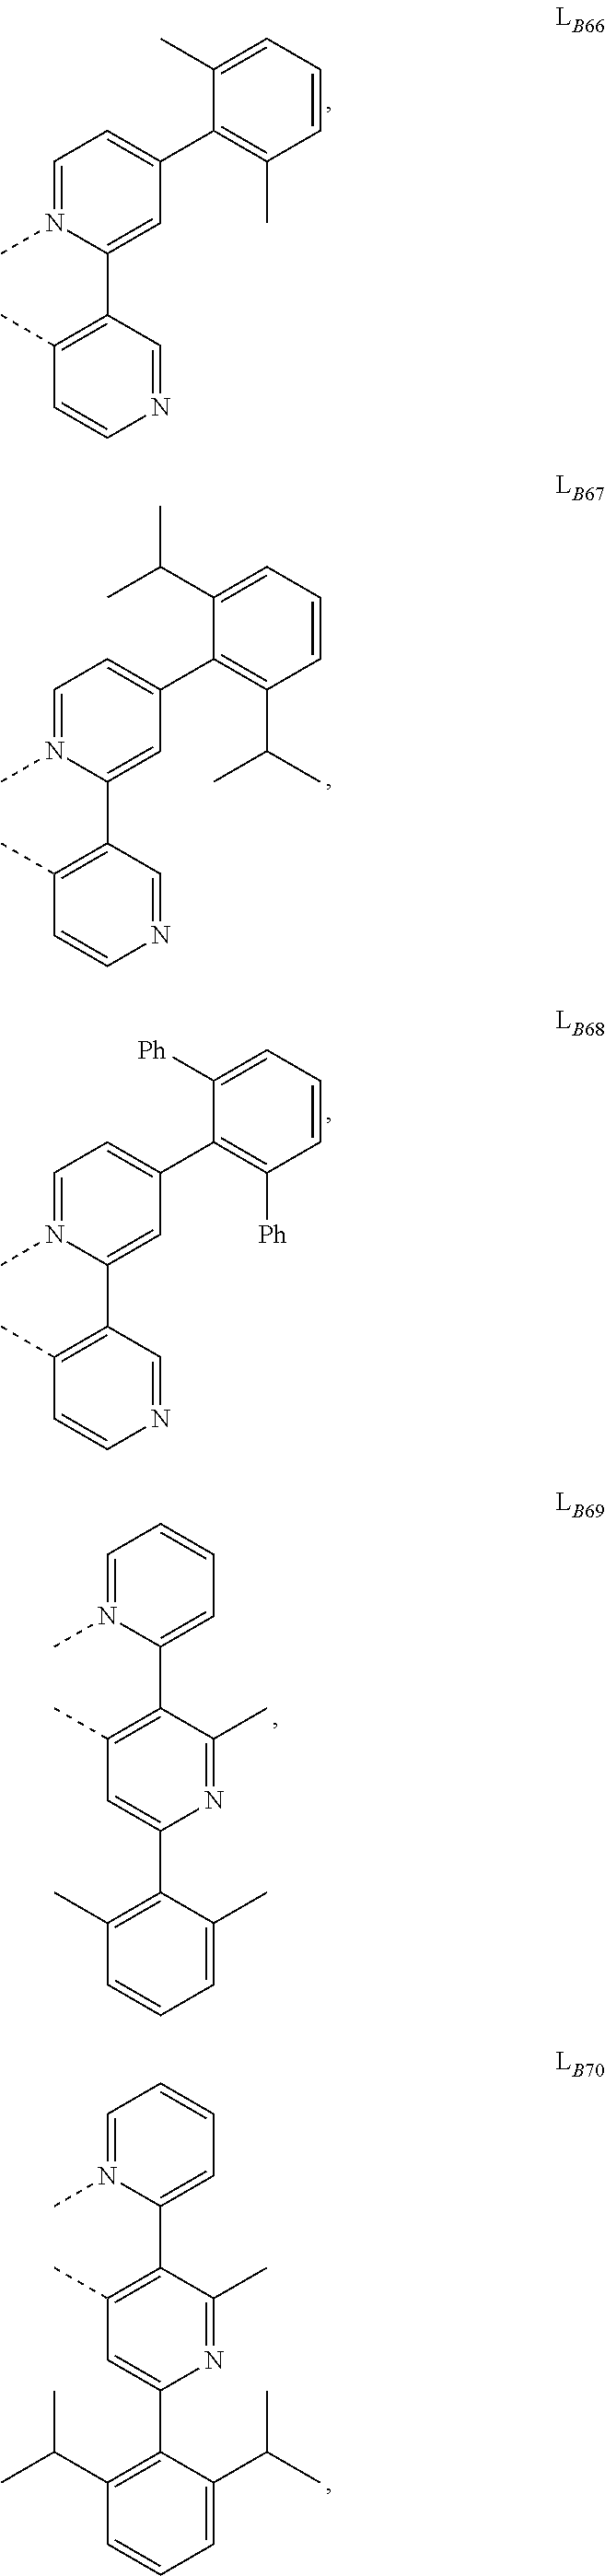 Figure US09905785-20180227-C00512